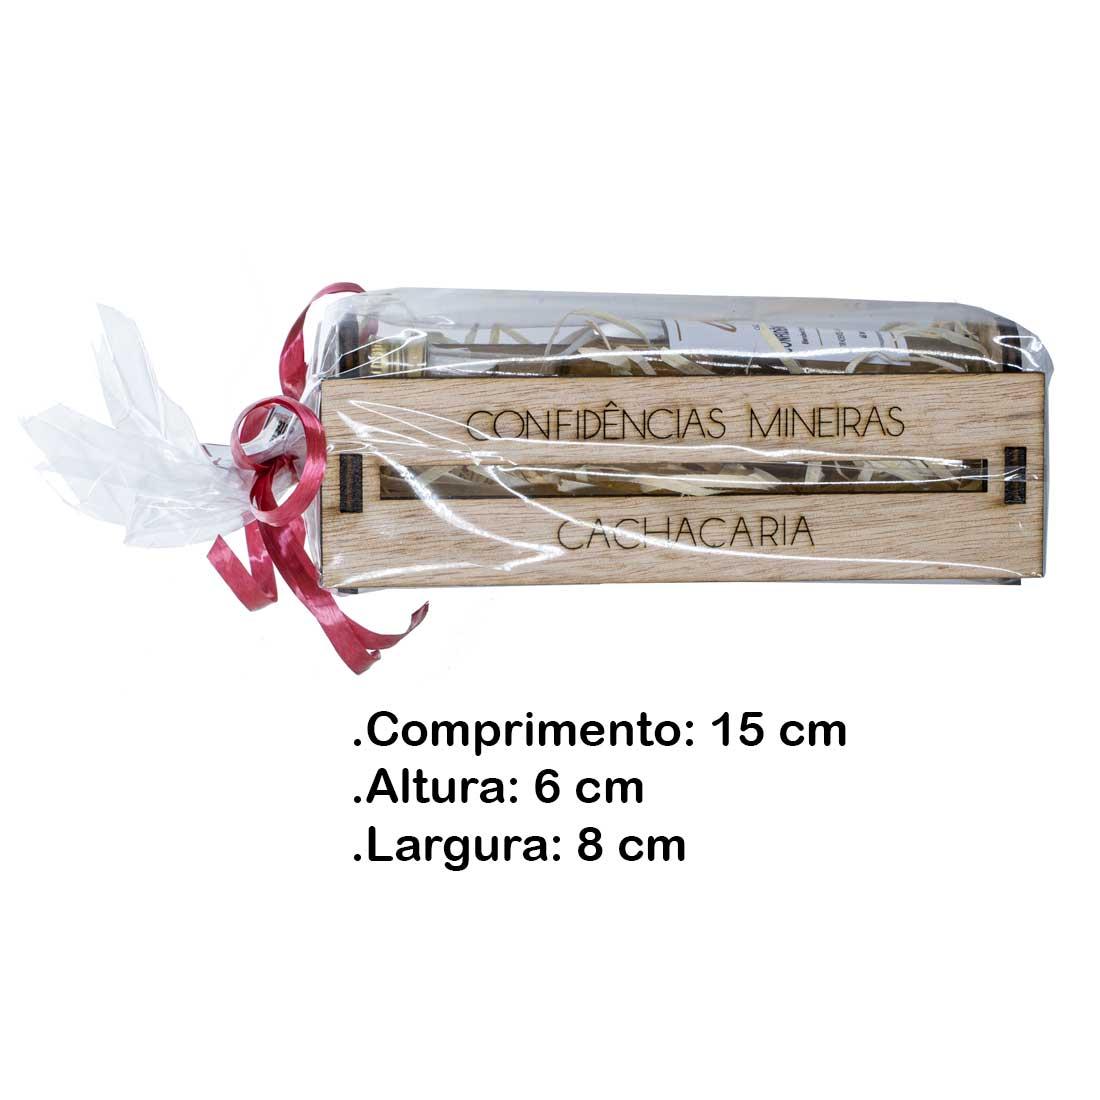 Caixinha Kit Confidências Mineiras - Famosinha  (Tiradentes - MG)